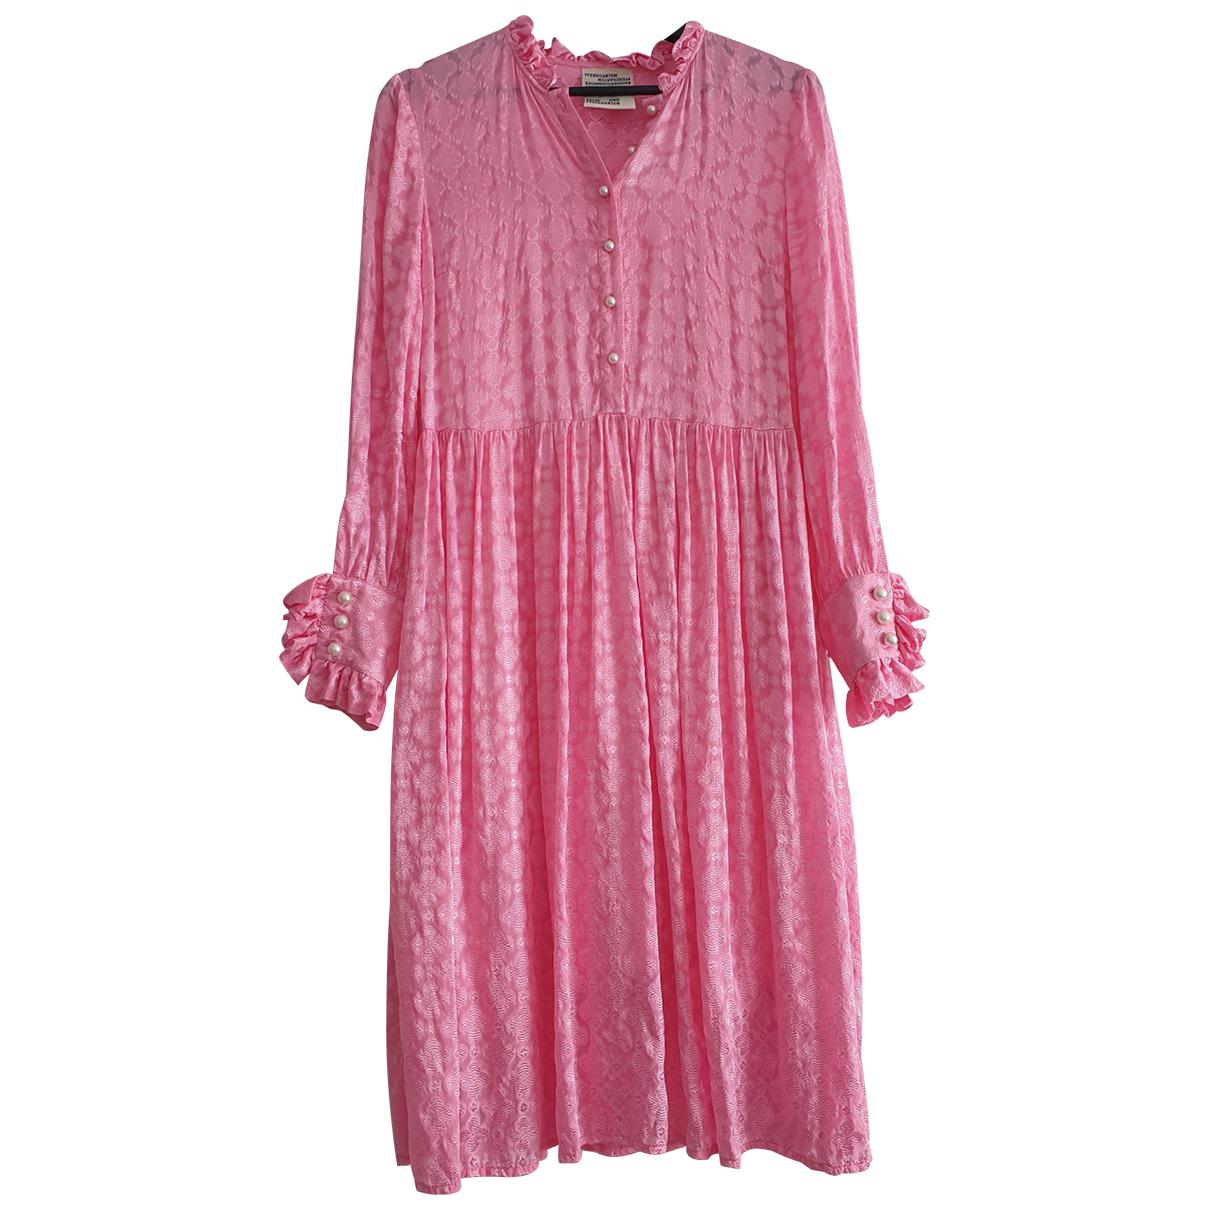 Baum Und Pferdgarten \N Pink dress for Women 36 FR